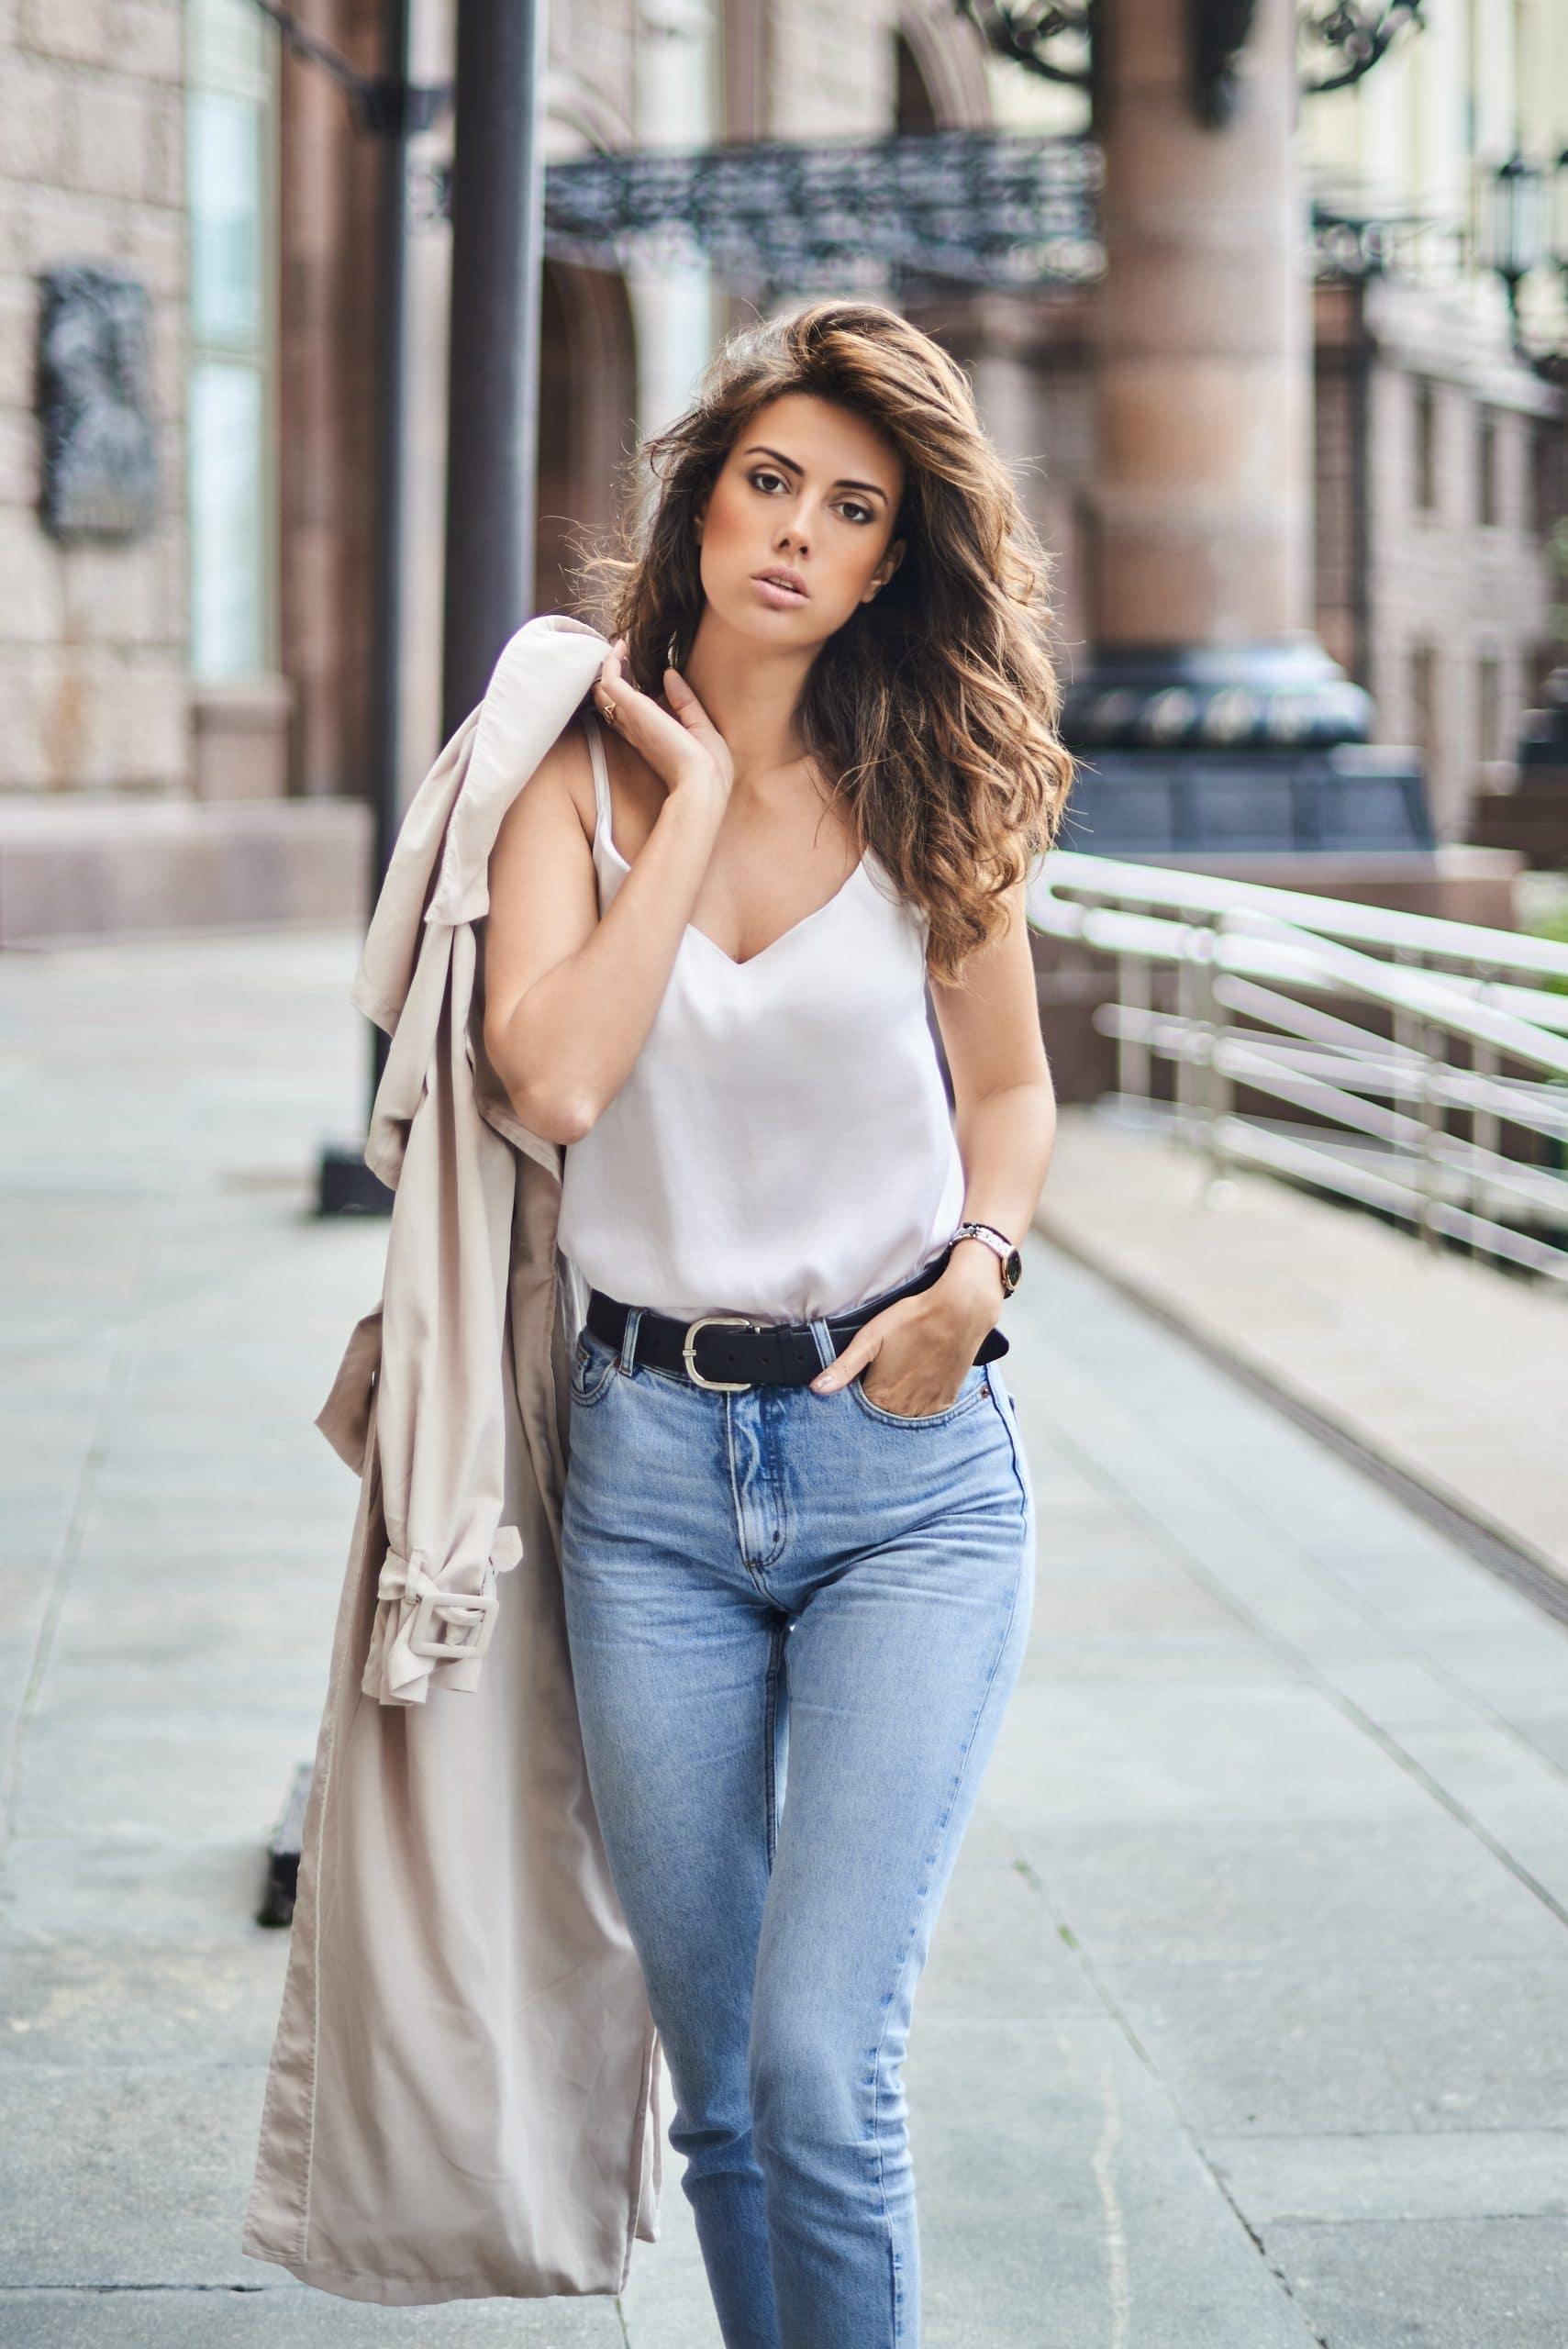 Mode femme : comment porter le jean taille haute ?